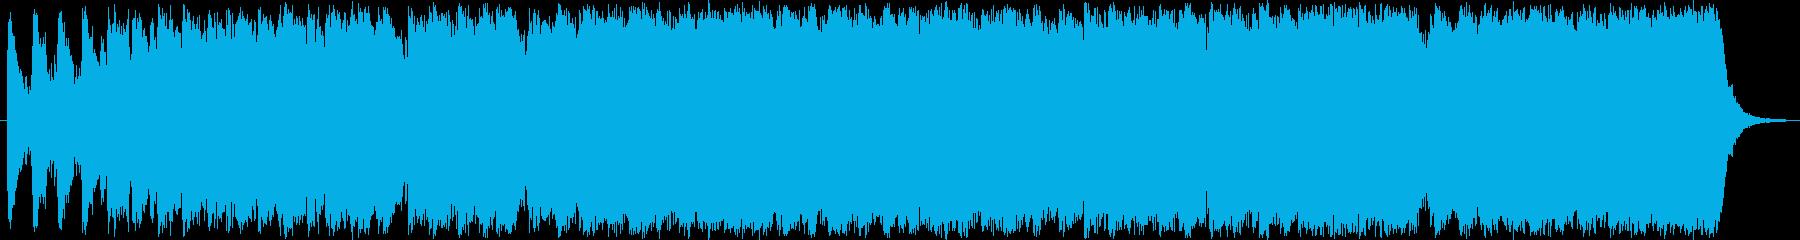 クライマックスをイメージした壮大な音楽の再生済みの波形